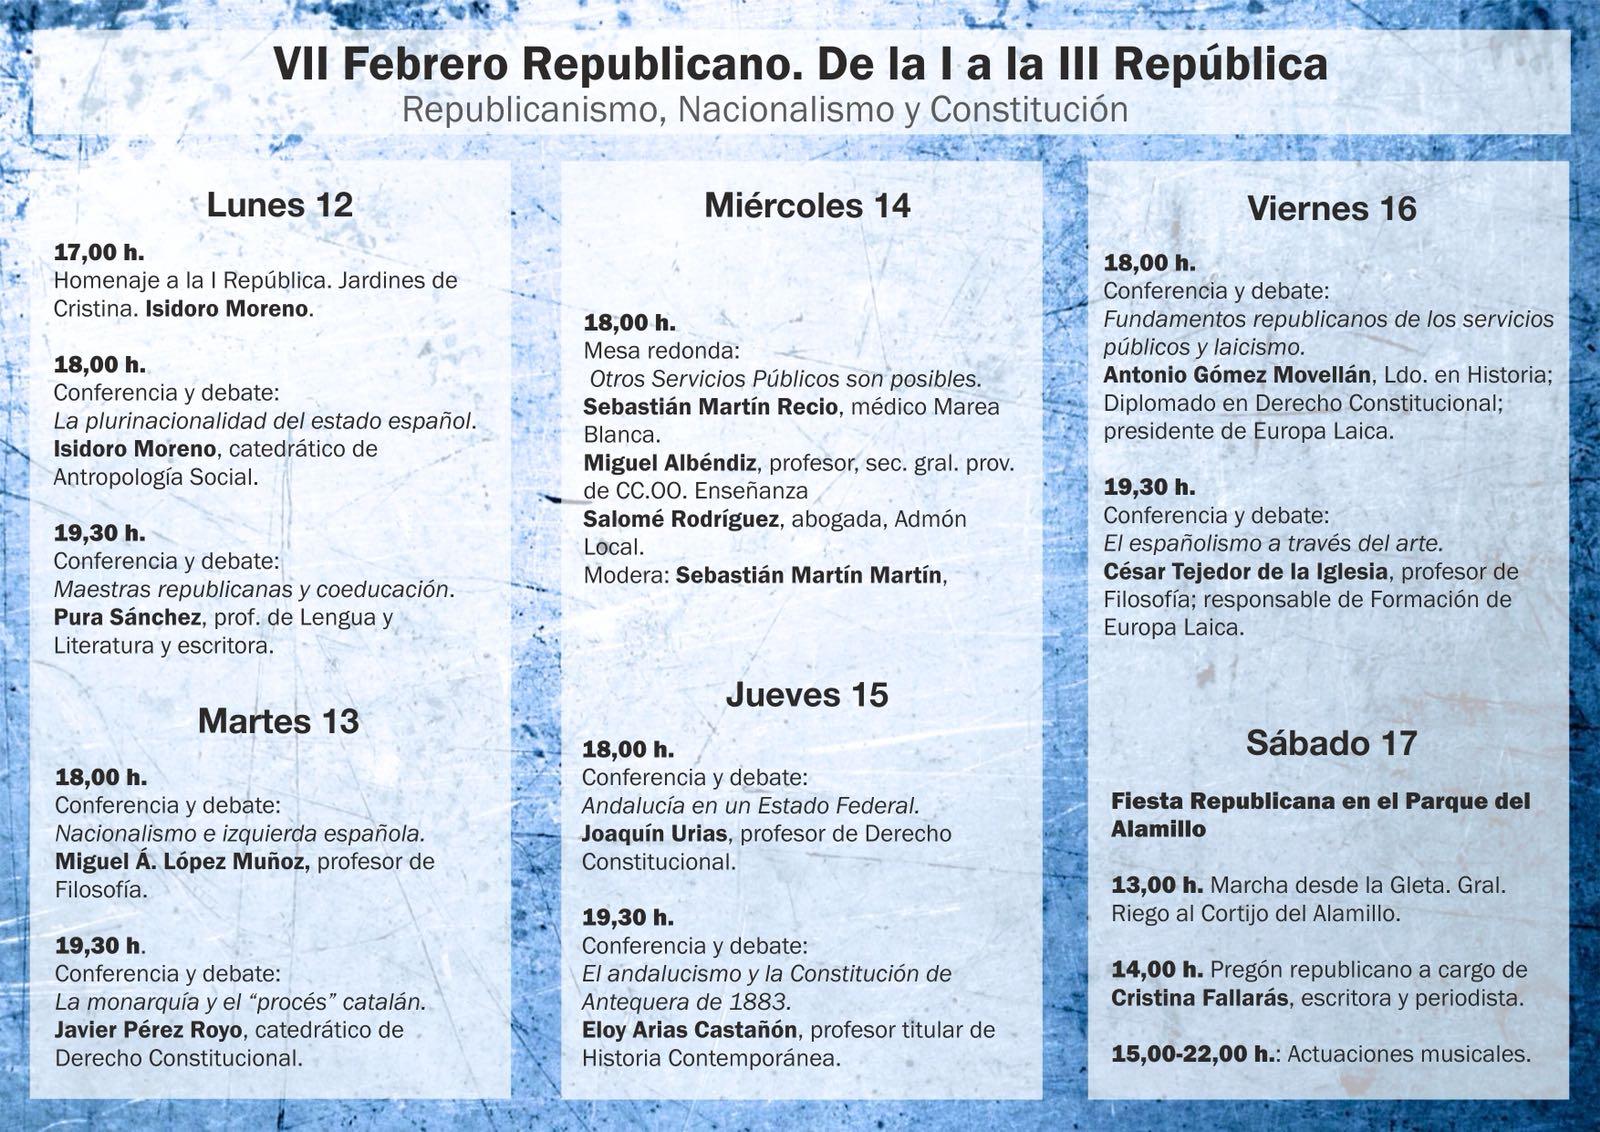 PROGRAMA  DE LAS JORNADAS: Republicanismo,Nacionalismo y Constitución.